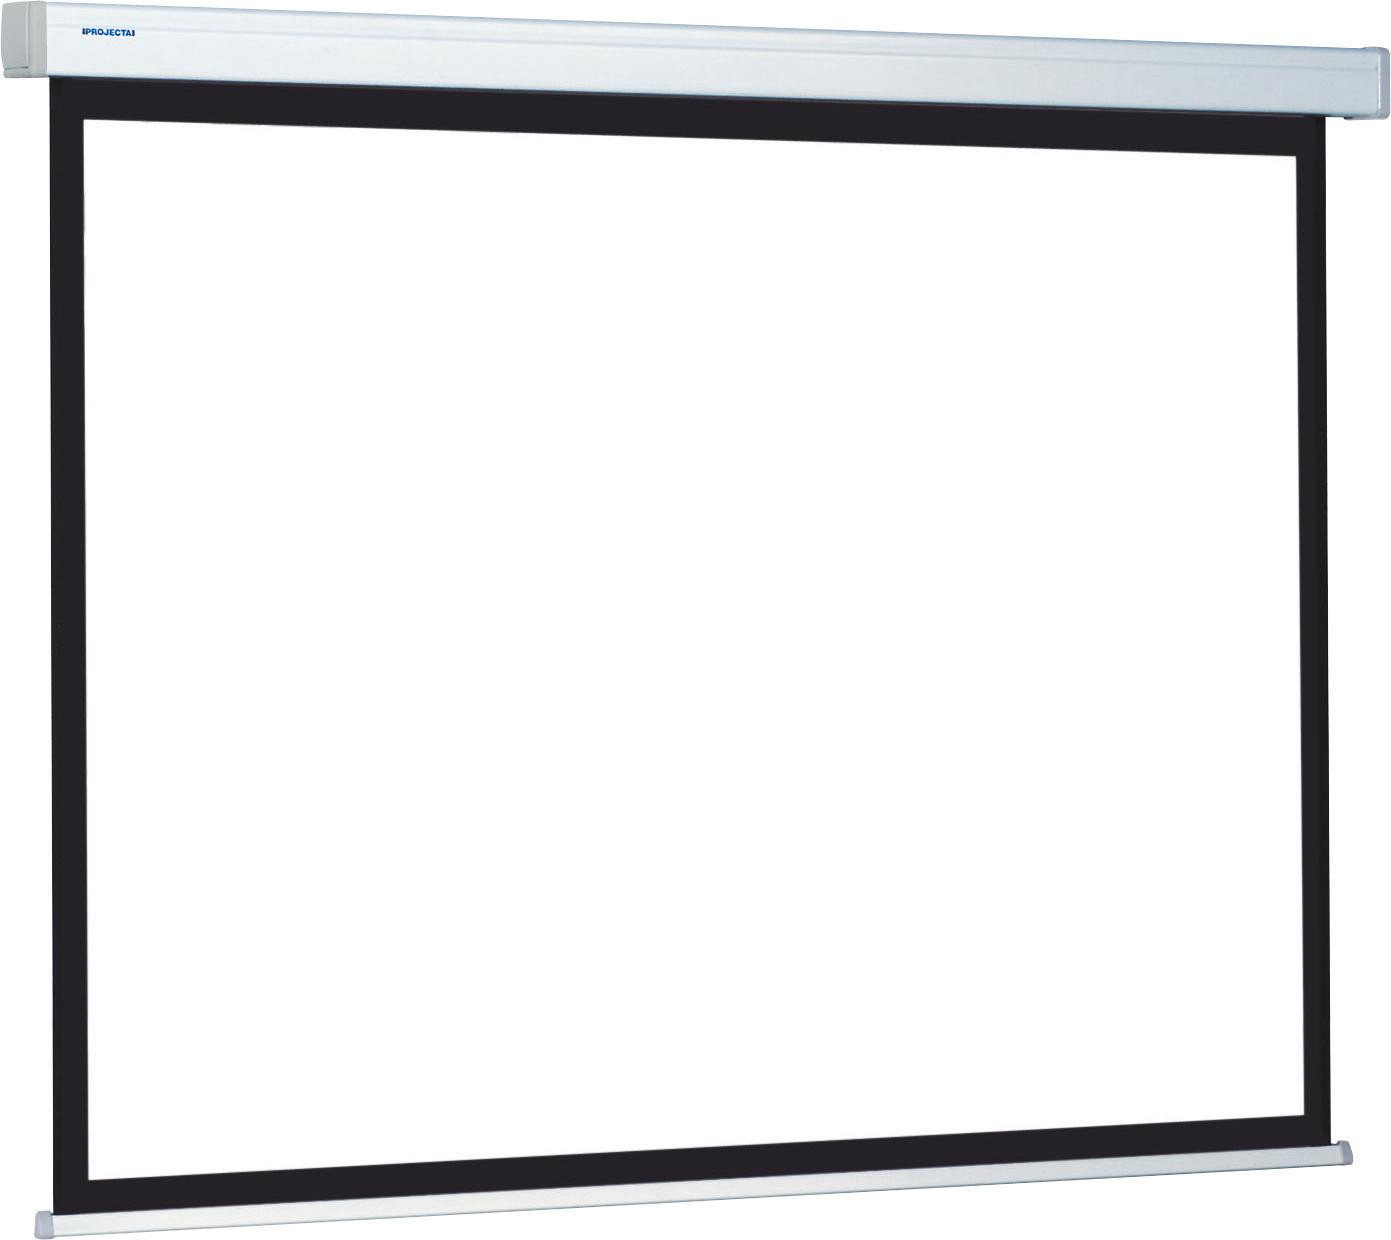 """Projecta ProScreen 153x200 Matte White S 100"""" 4:3 schermo per proiettore"""